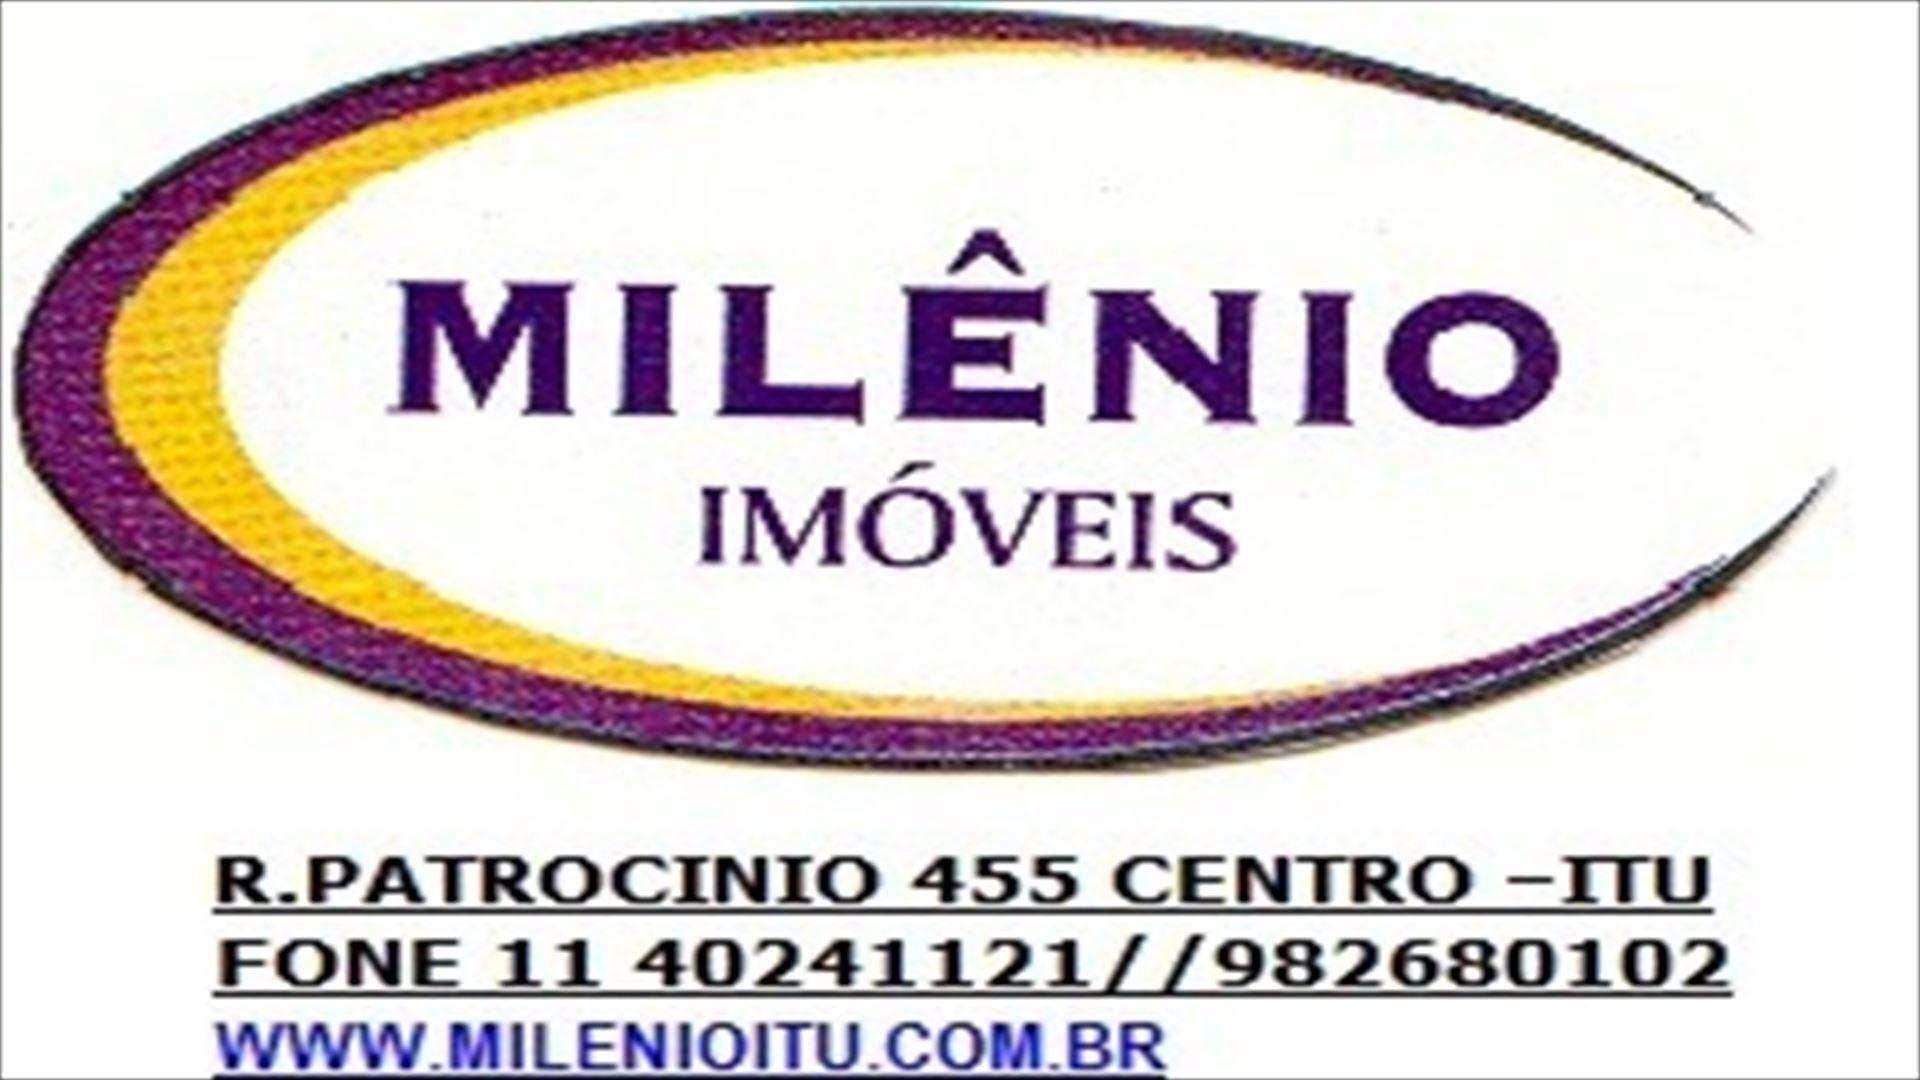 30700-LOGO_TIPO_MILENIO1.jpg